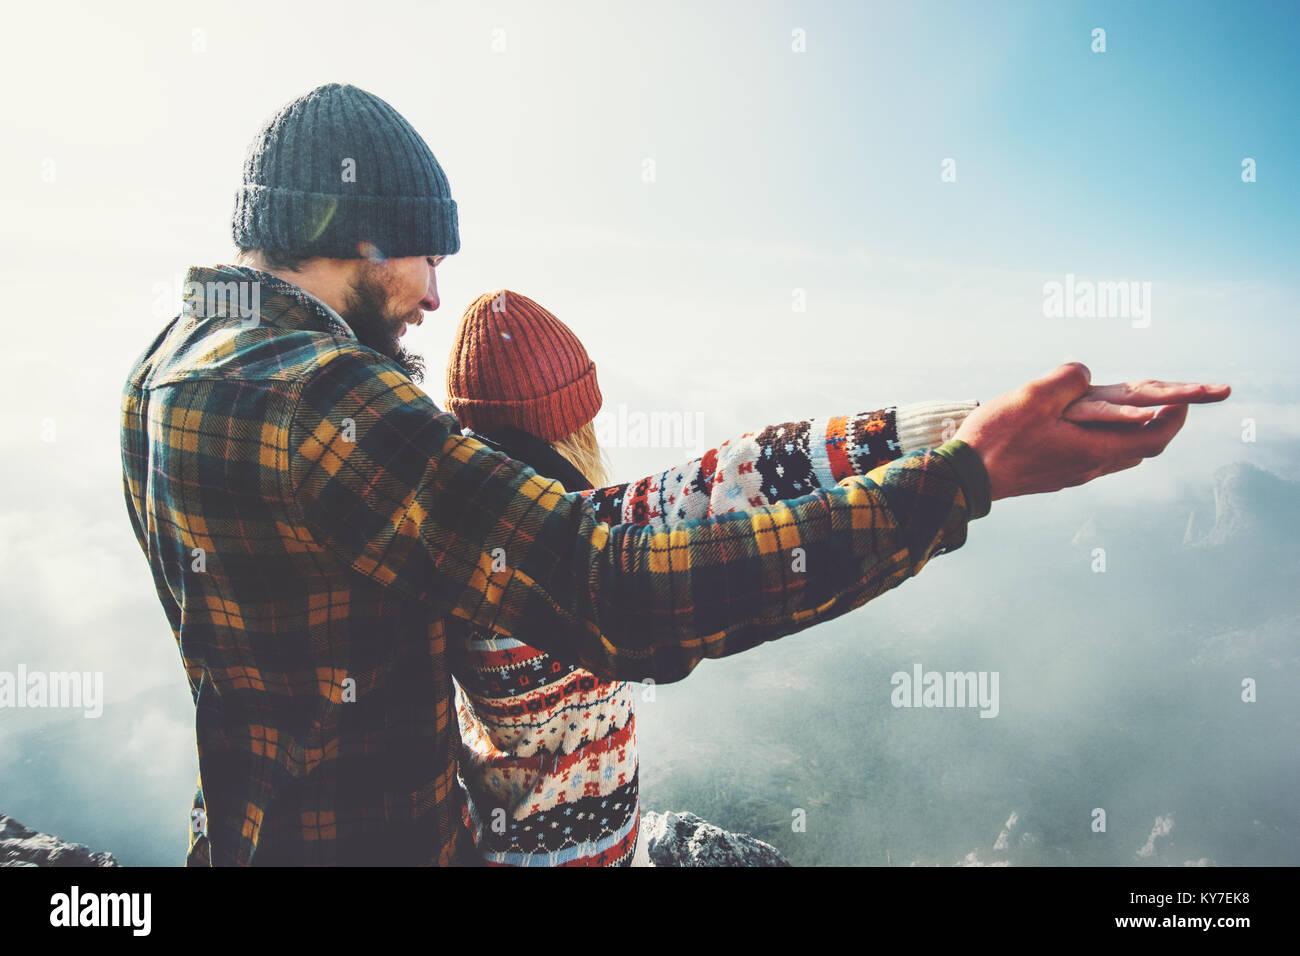 Paar Mann und Frau mit erhobenen Händen zusammen auf Berggipfel und Liebe und Reisen gerne Emotionen Gefühle Stockbild